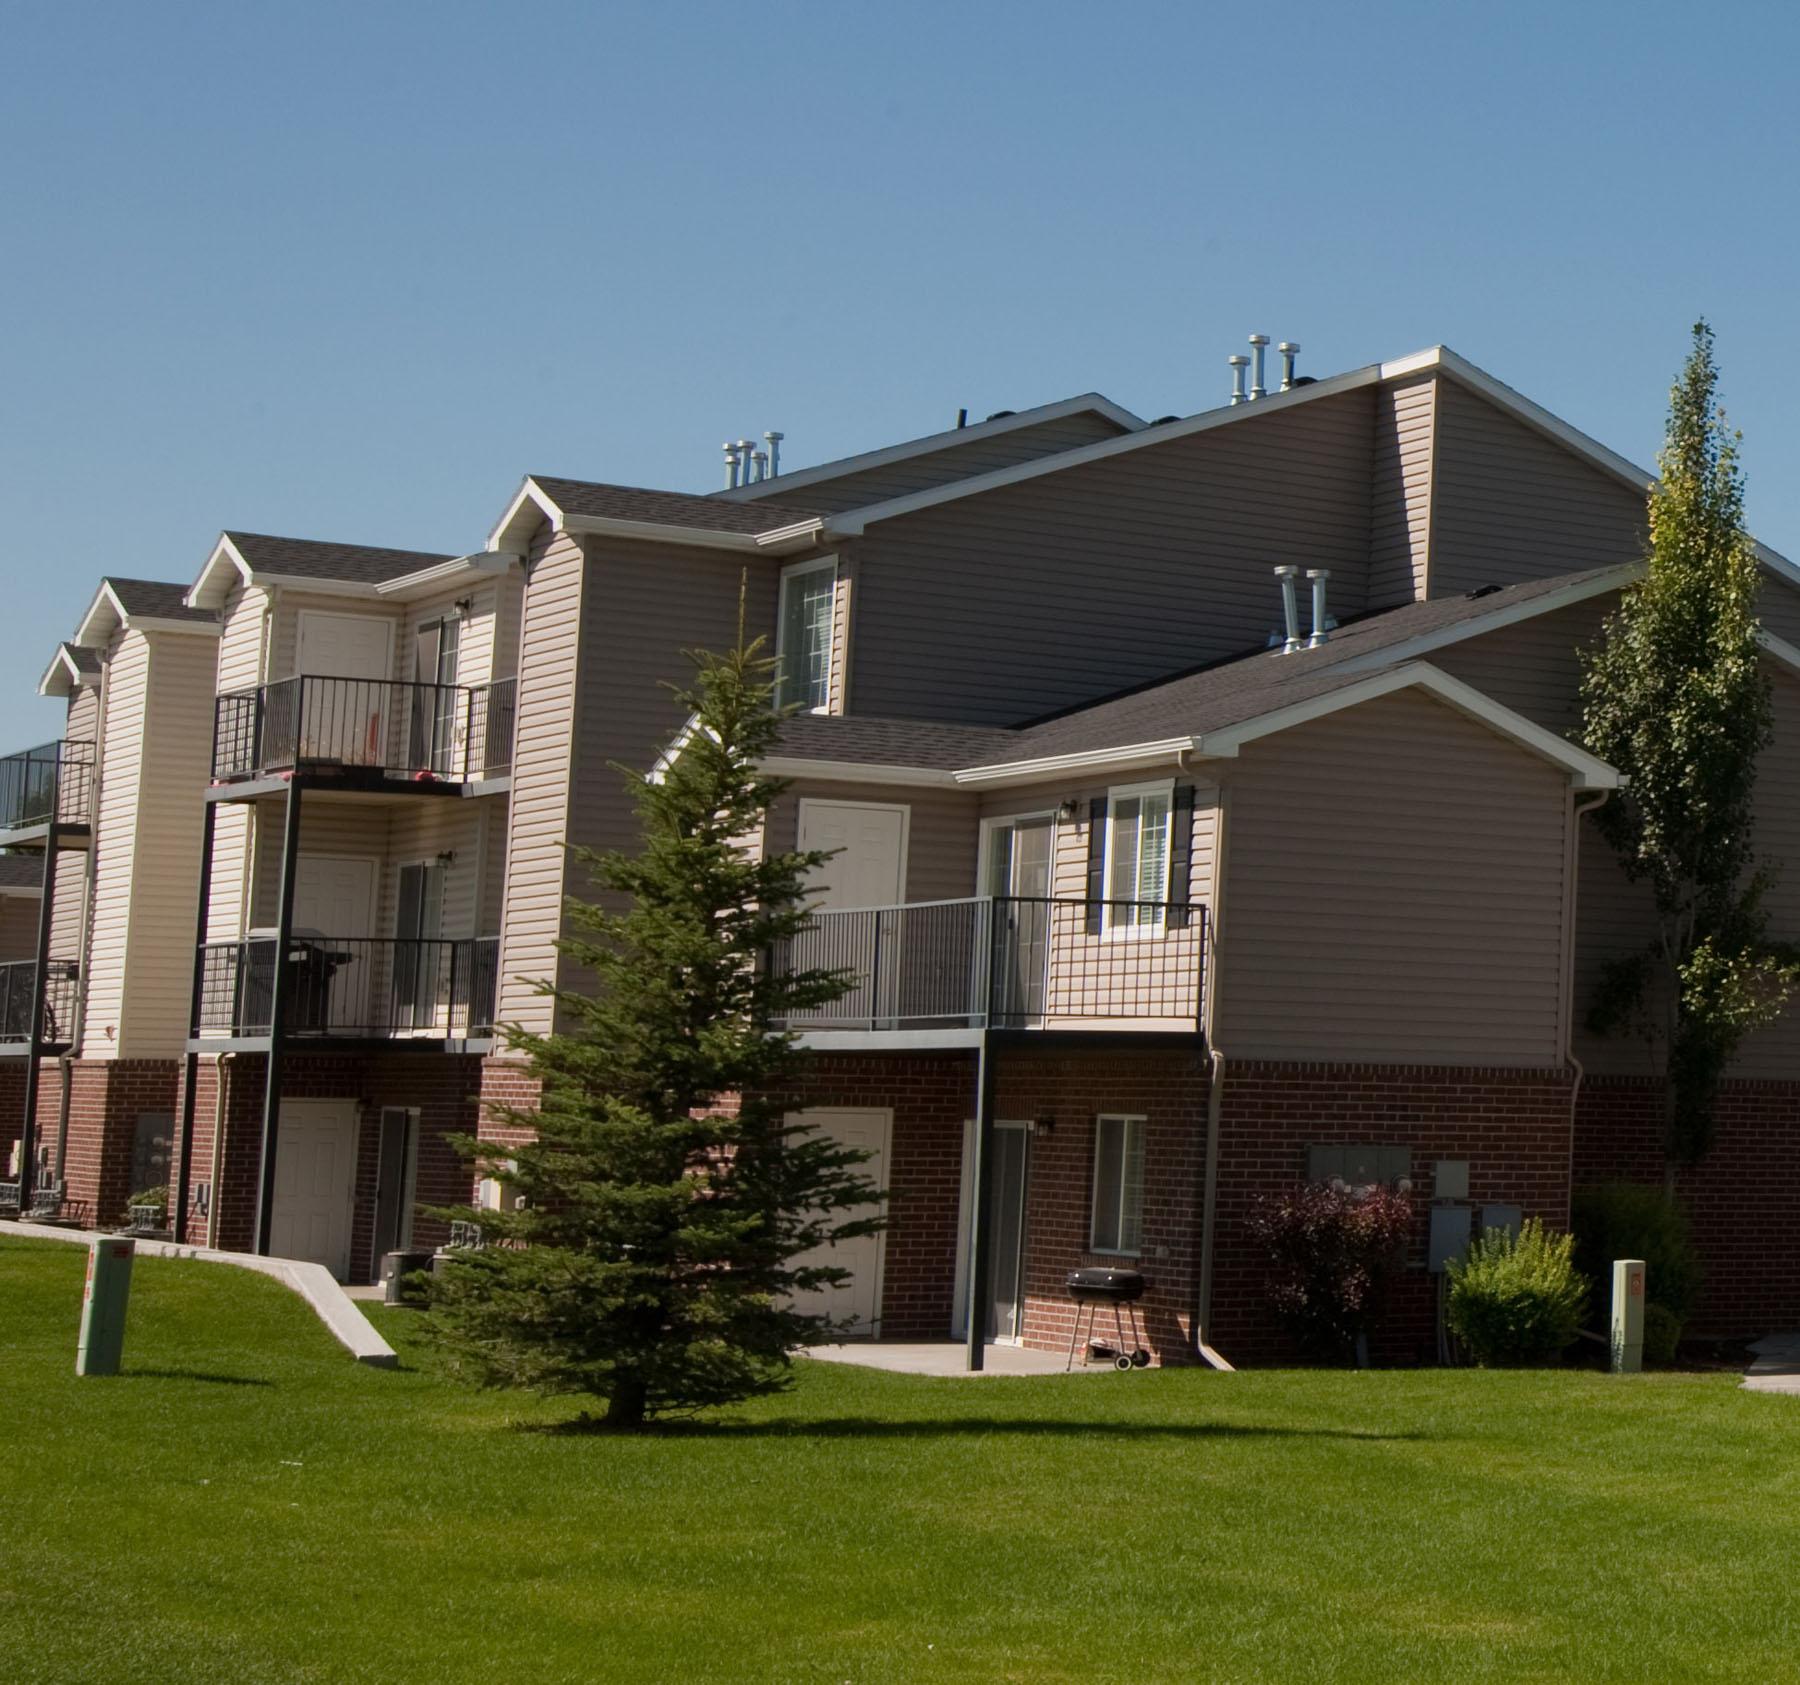 Village Apartments: The Village Apartments